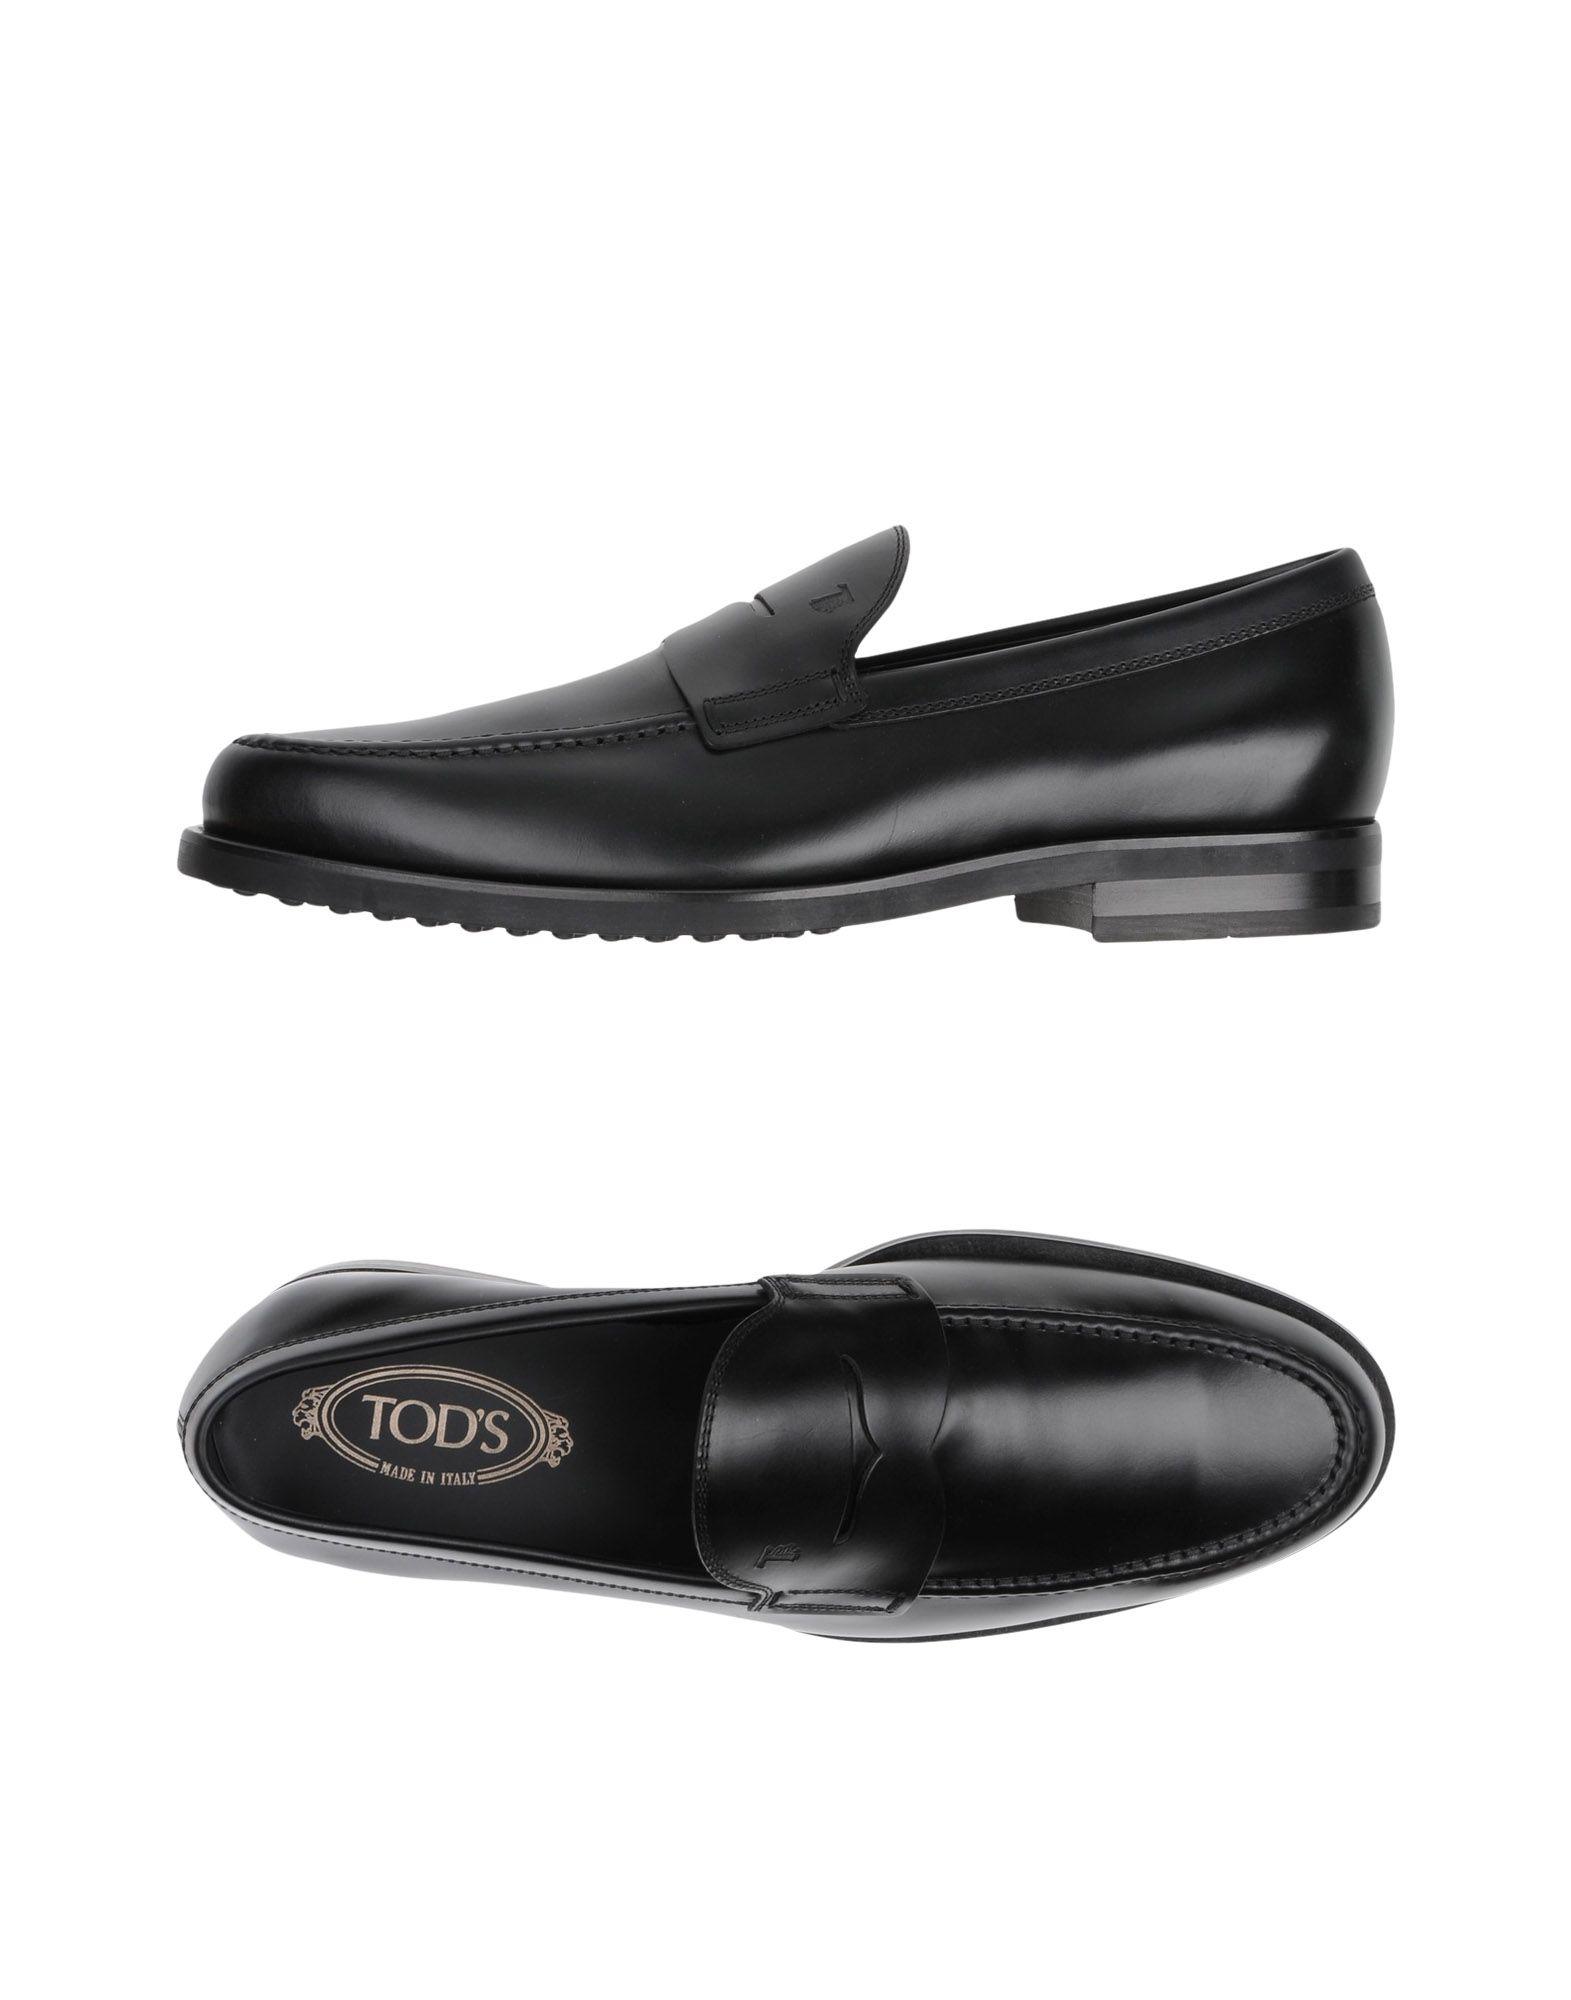 Tod's Mokassins Herren  11242722XN Gute Qualität beliebte Schuhe